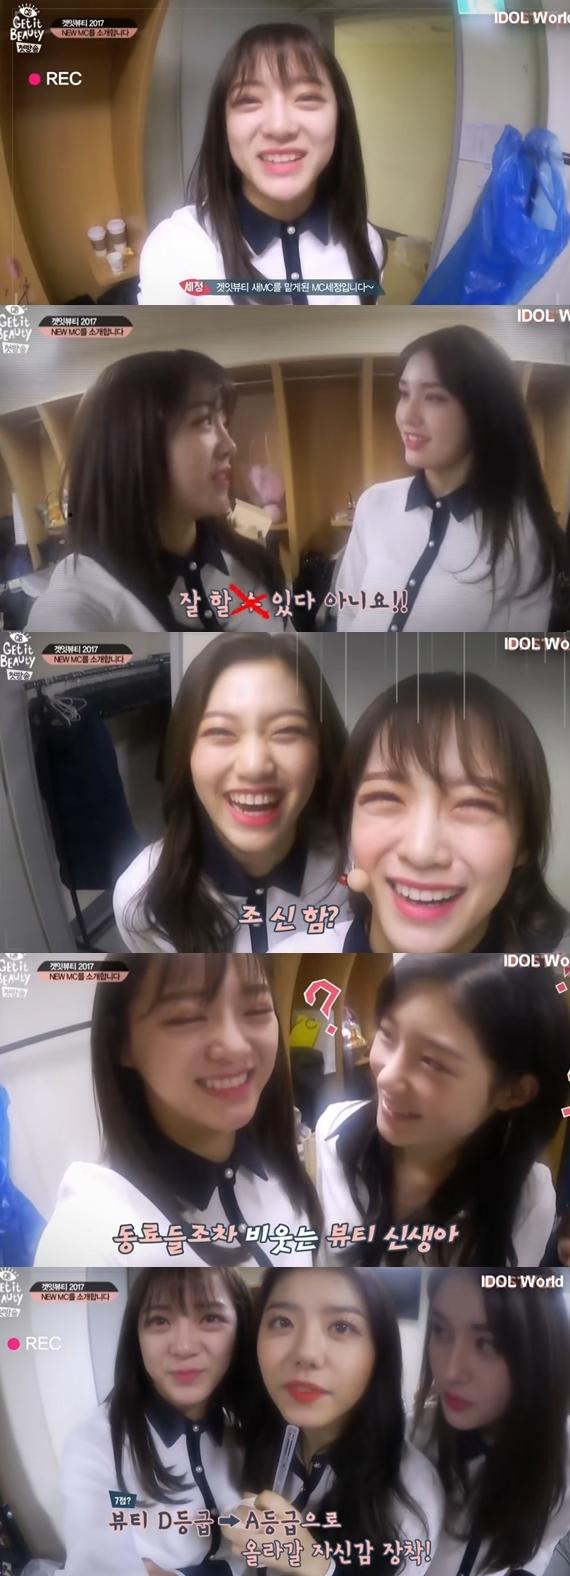 '뷰티 신생아' 동료에게 '비웃음' 당하는 IOI 멤버